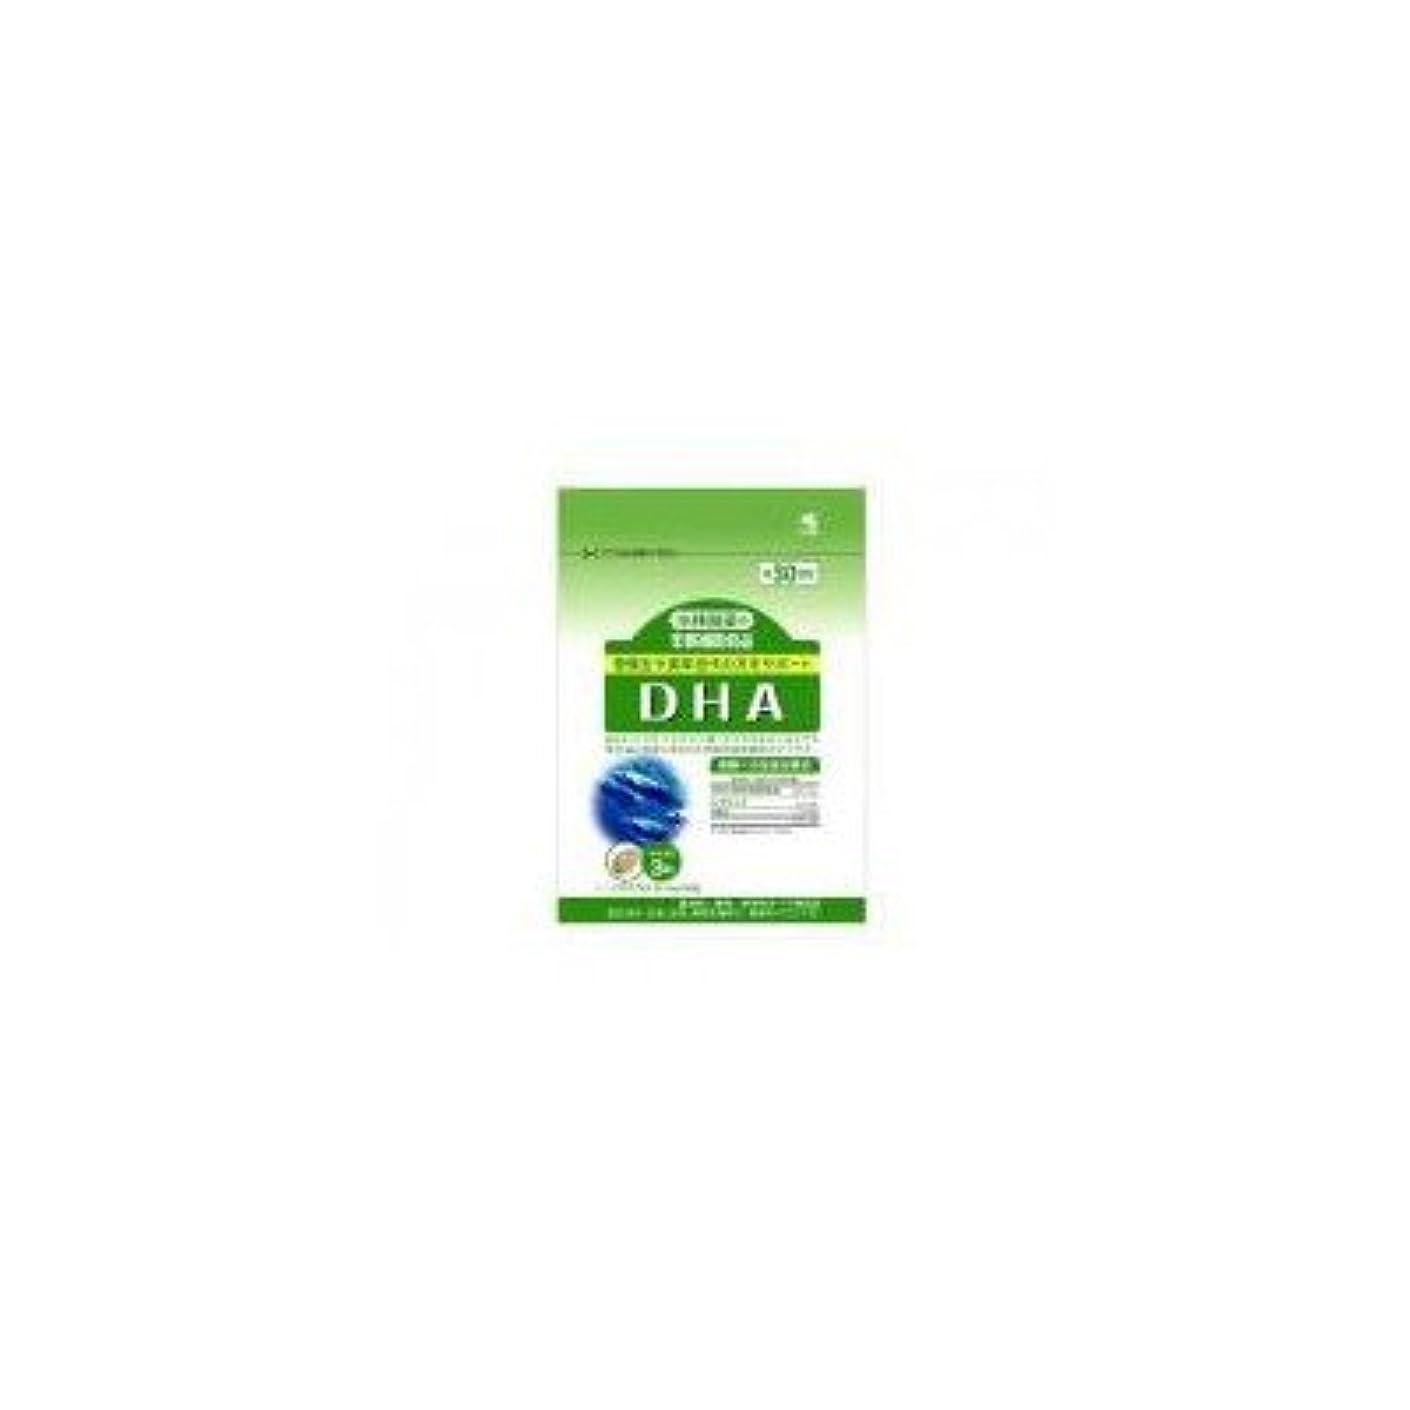 合わせてティッシュ歯小林製薬の栄養補助食品 DHA(90粒 約30日分) 4セット